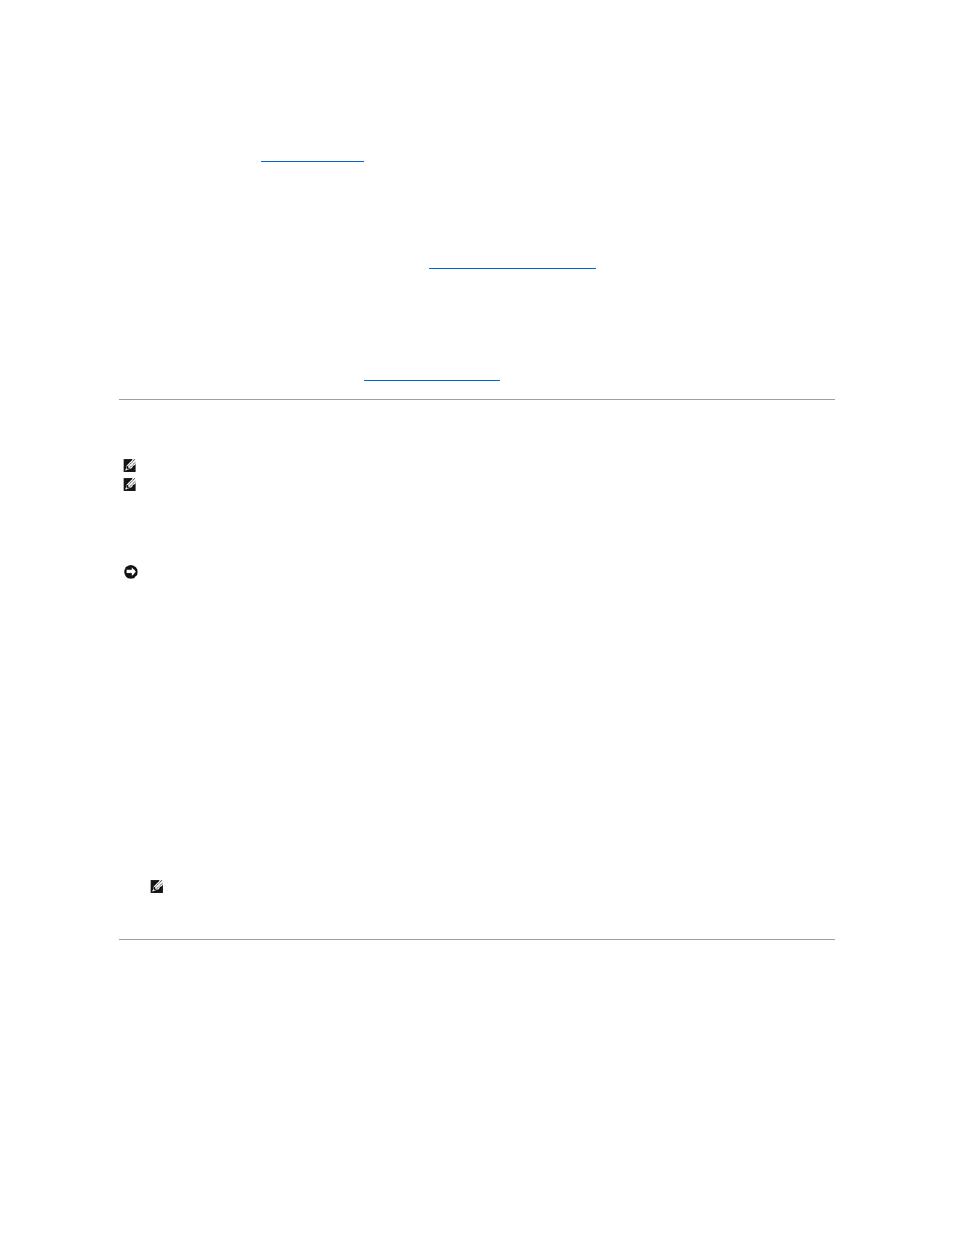 Trusted platform module (tpm), System setup, Enabling the